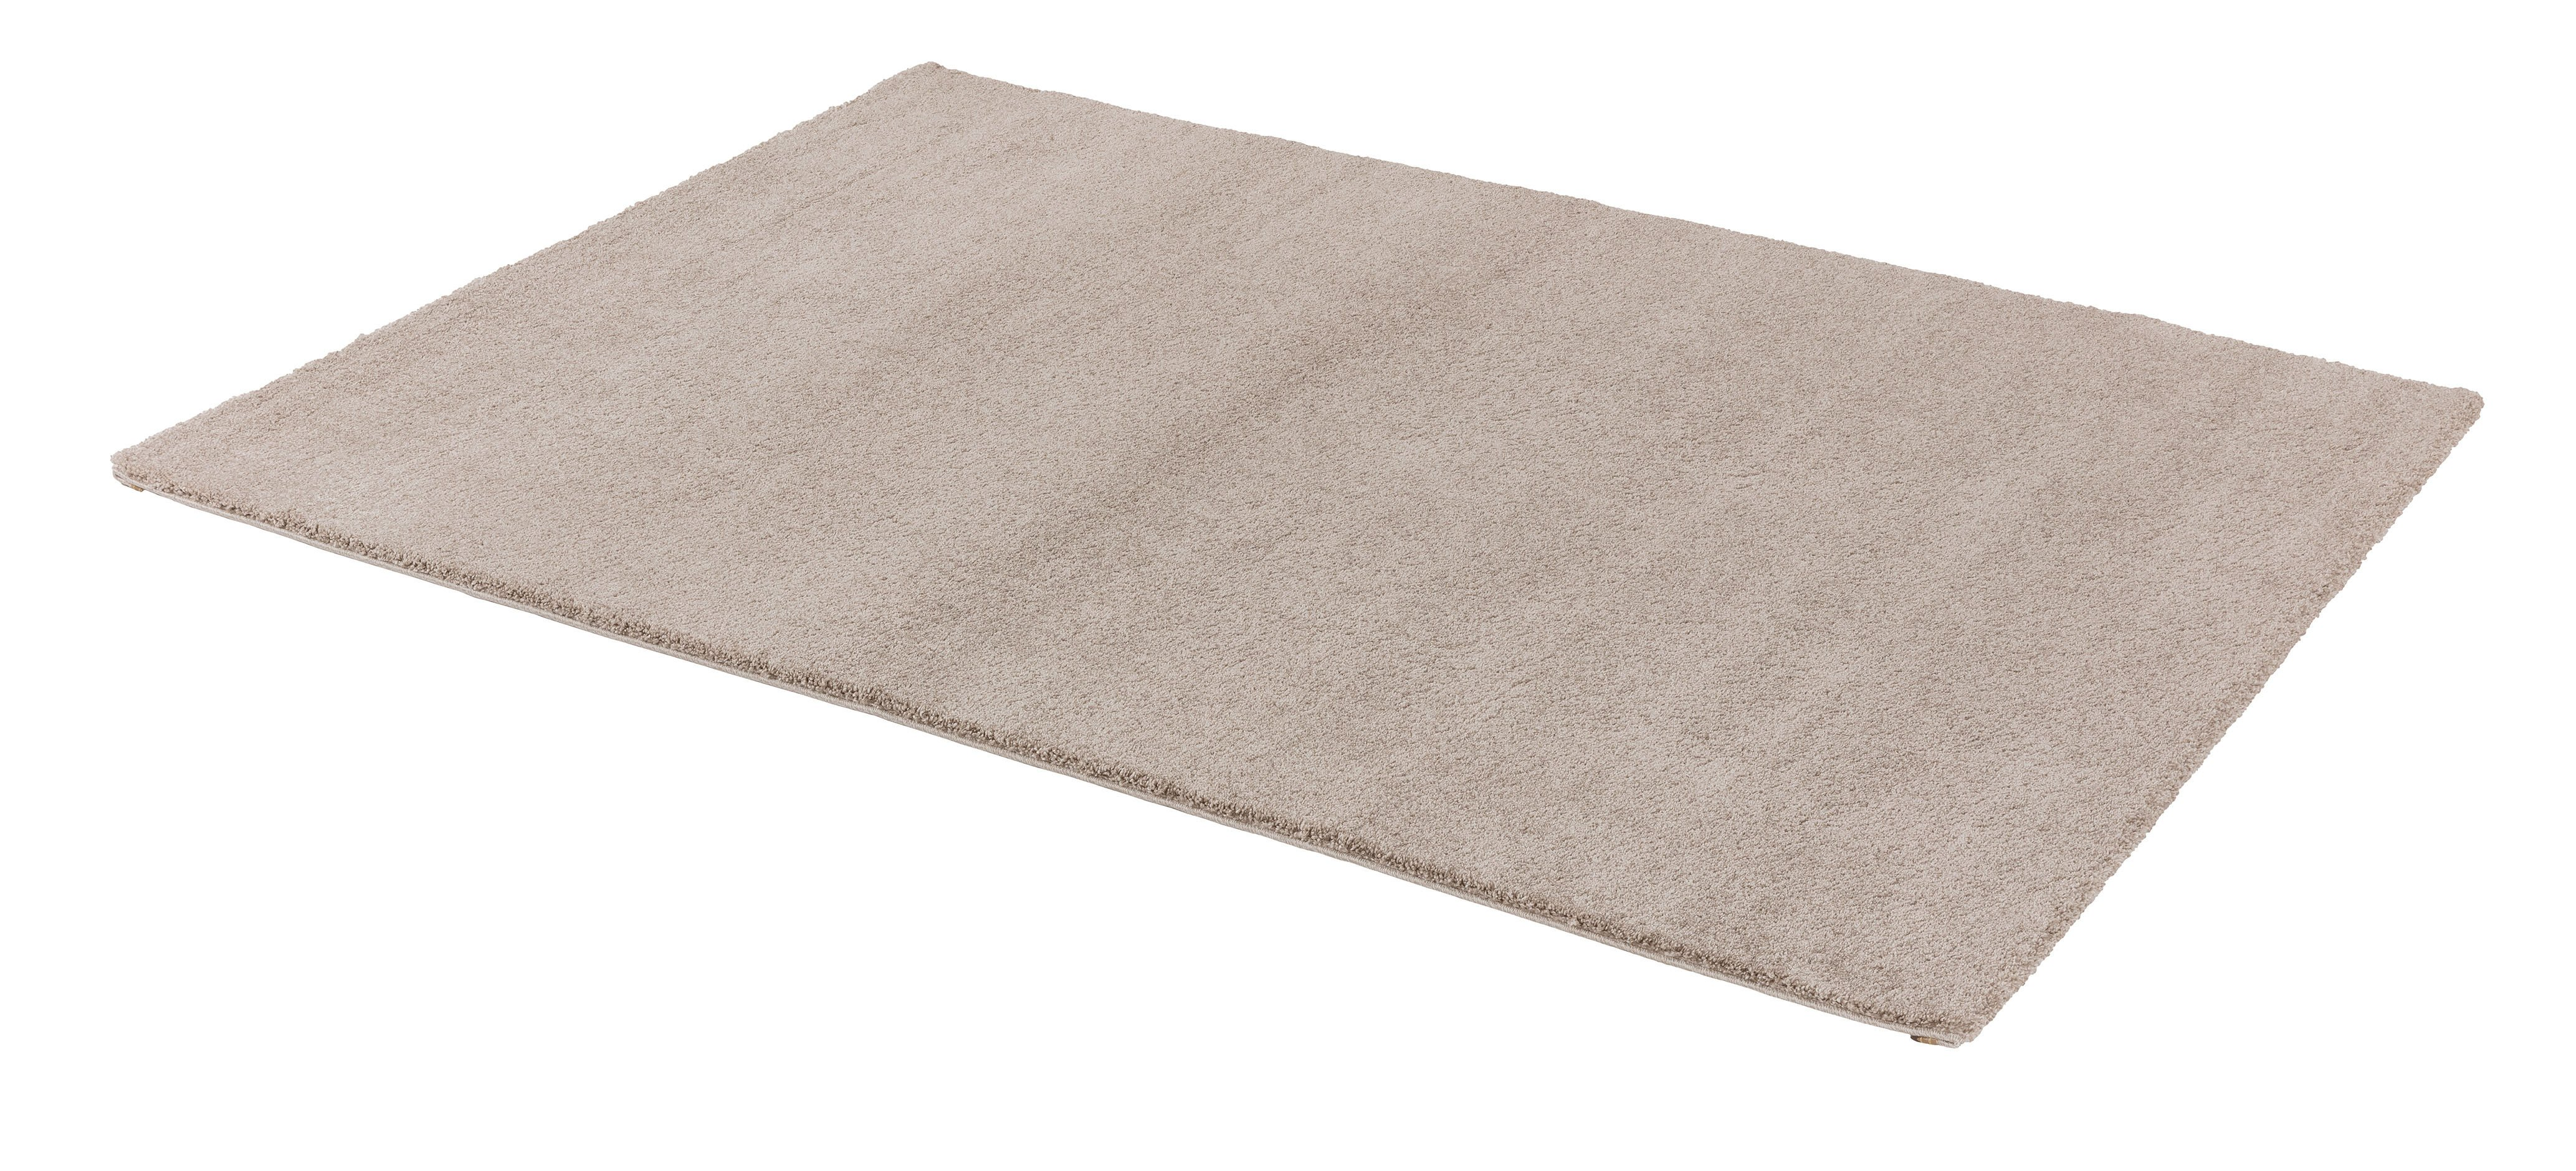 Webteppich Savona 67x130 cm beige